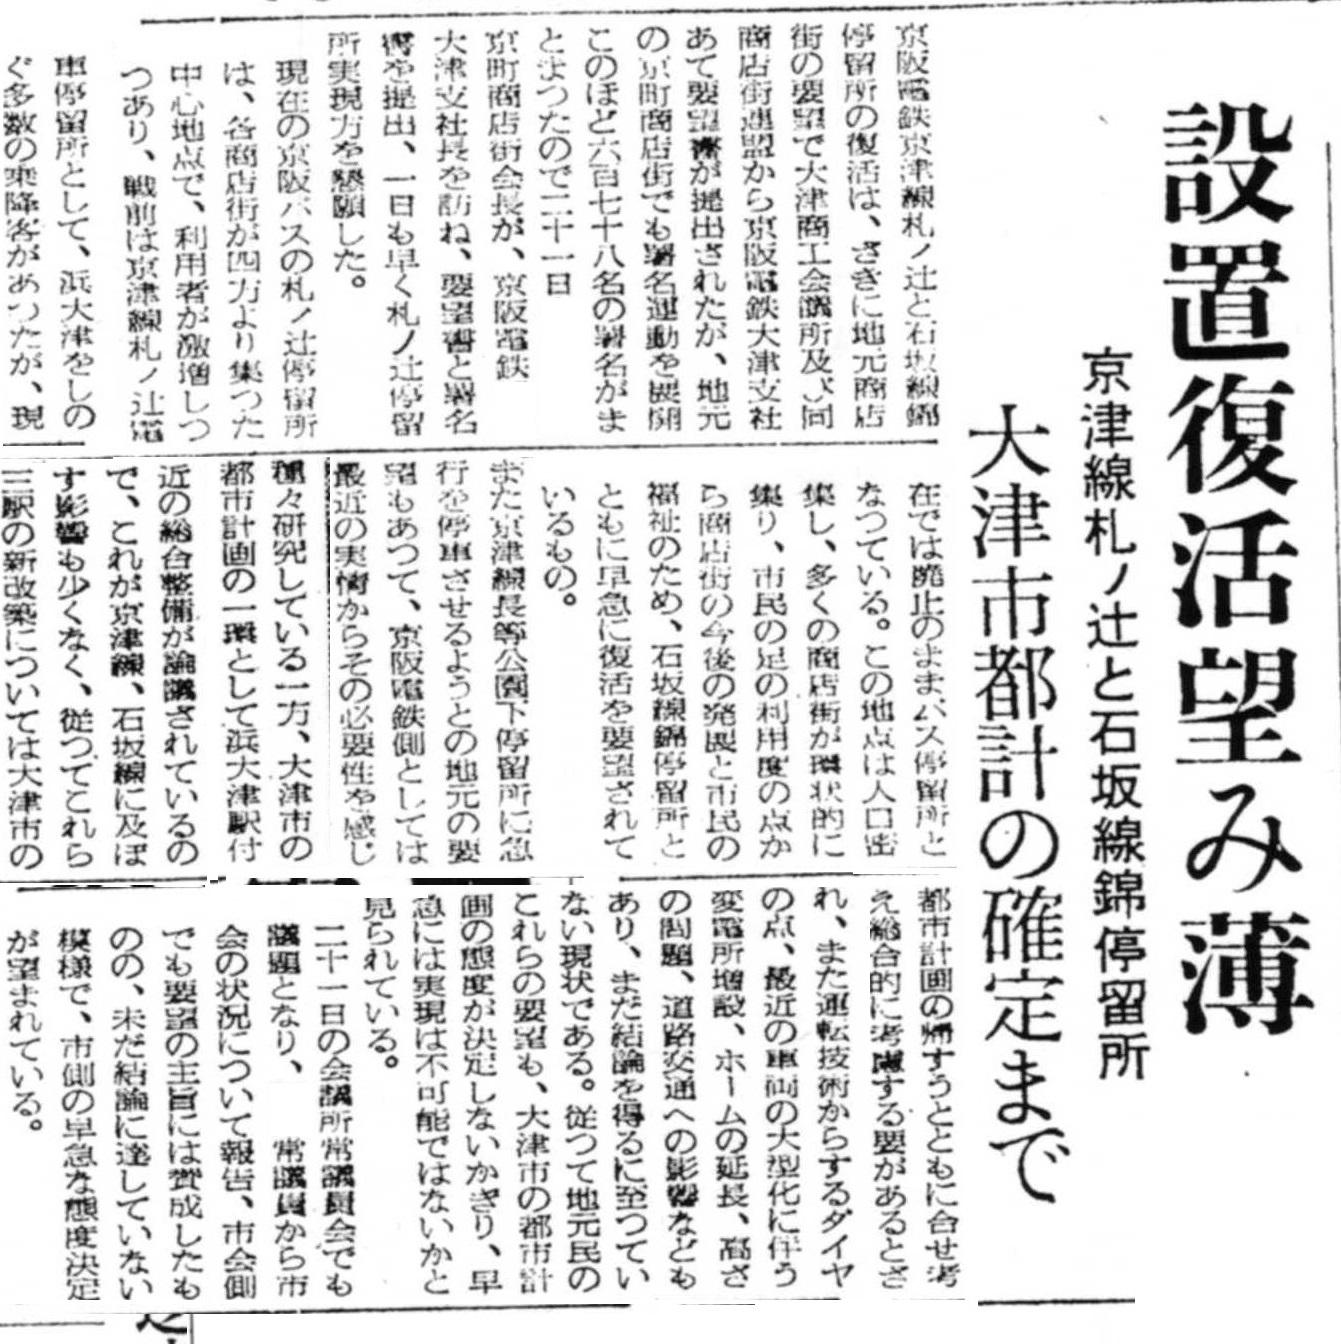 S31.4.23S 札ノ辻バス停乗客急増 京津線電停もb